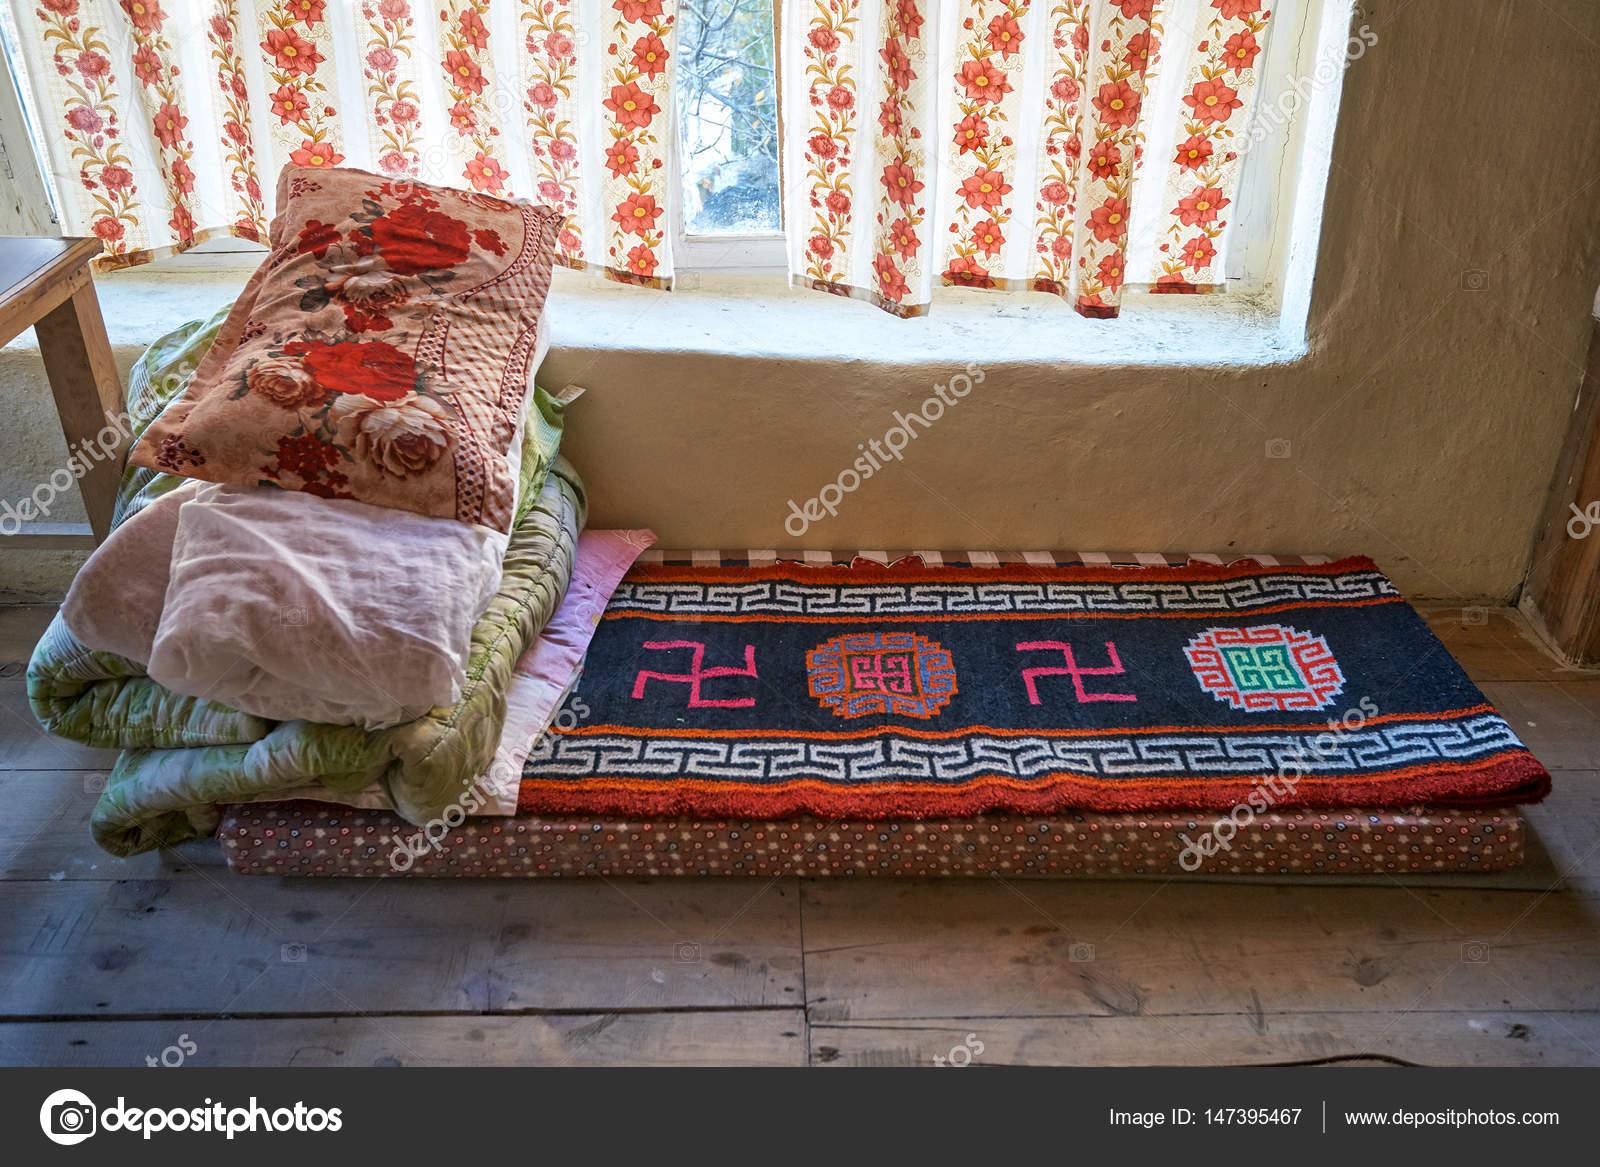 Traditionelle Tibetische Bett Mit Hakenkreuz Stockfoto Vlade Mir